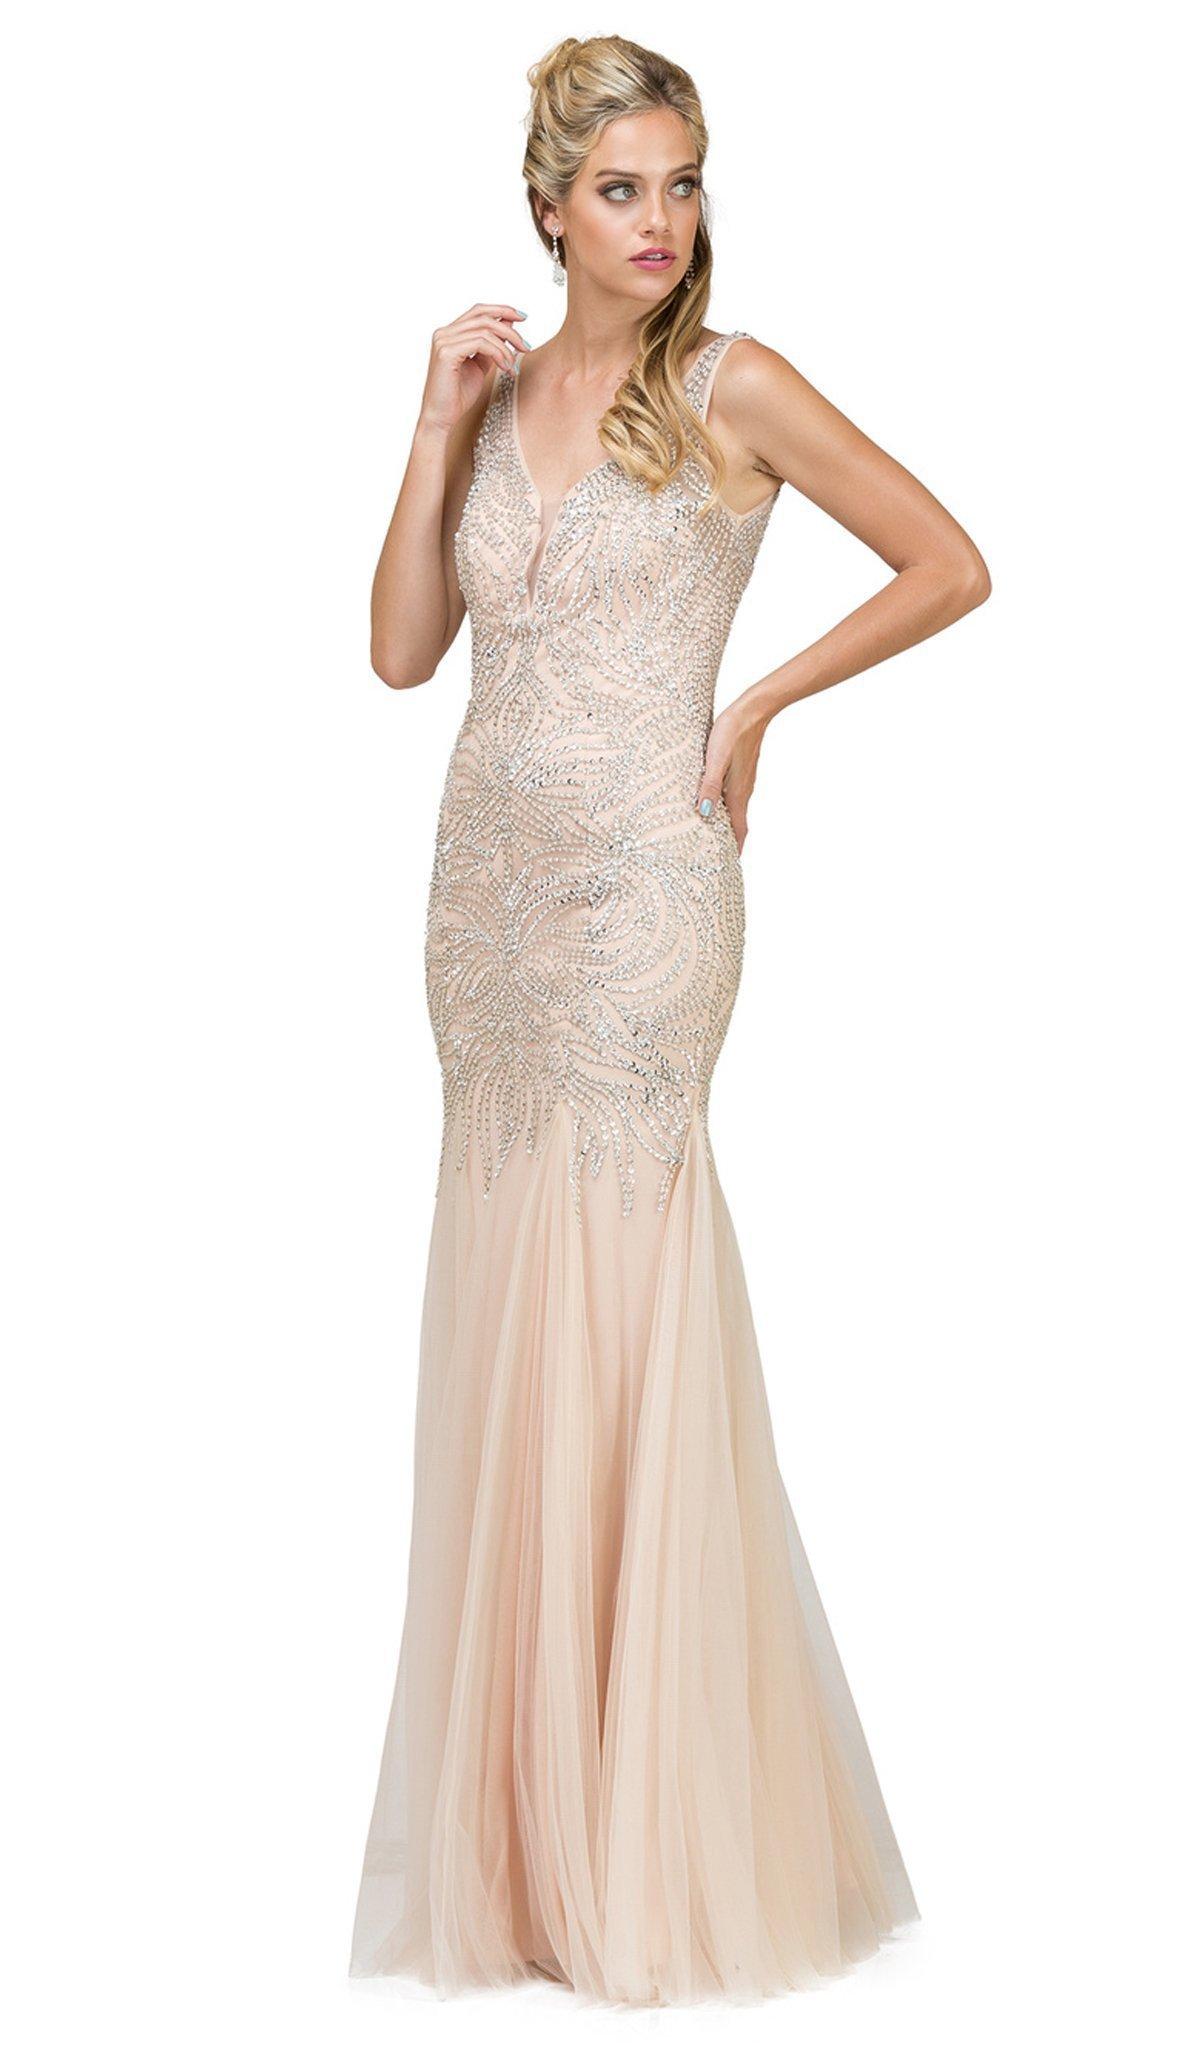 Dancing Queen - 9978 Embellished V-Neck Trumpet Prom Dress